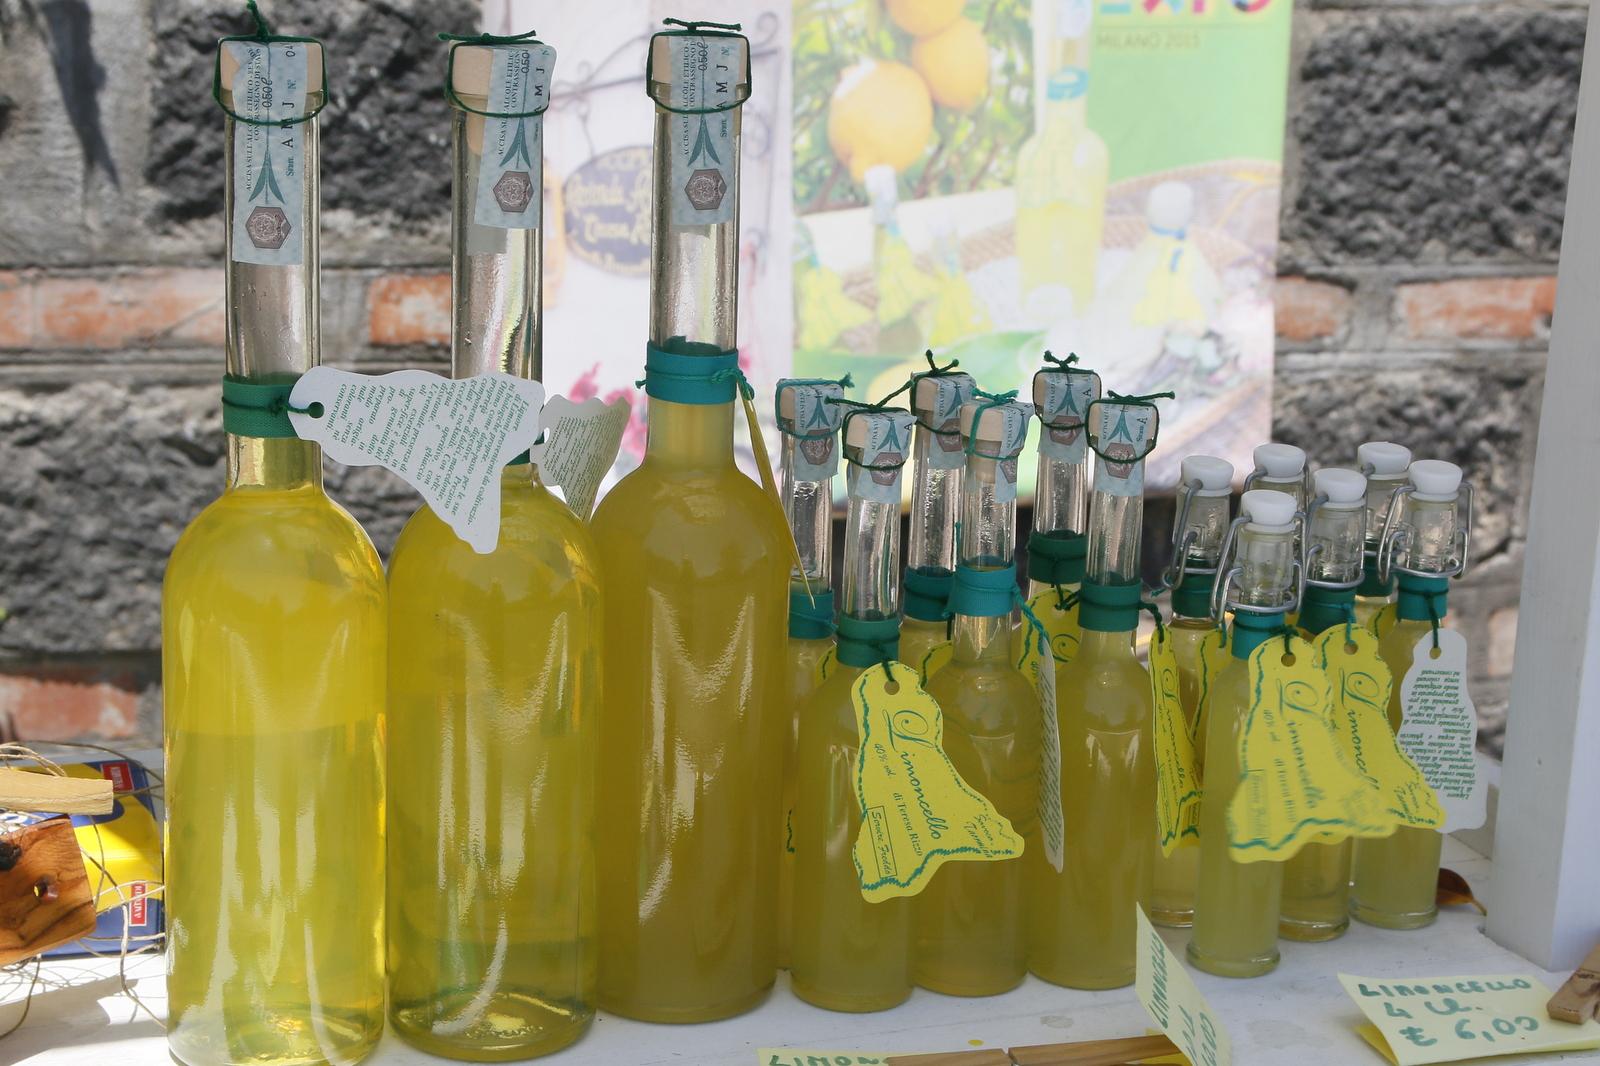 Savoca, limonin liker